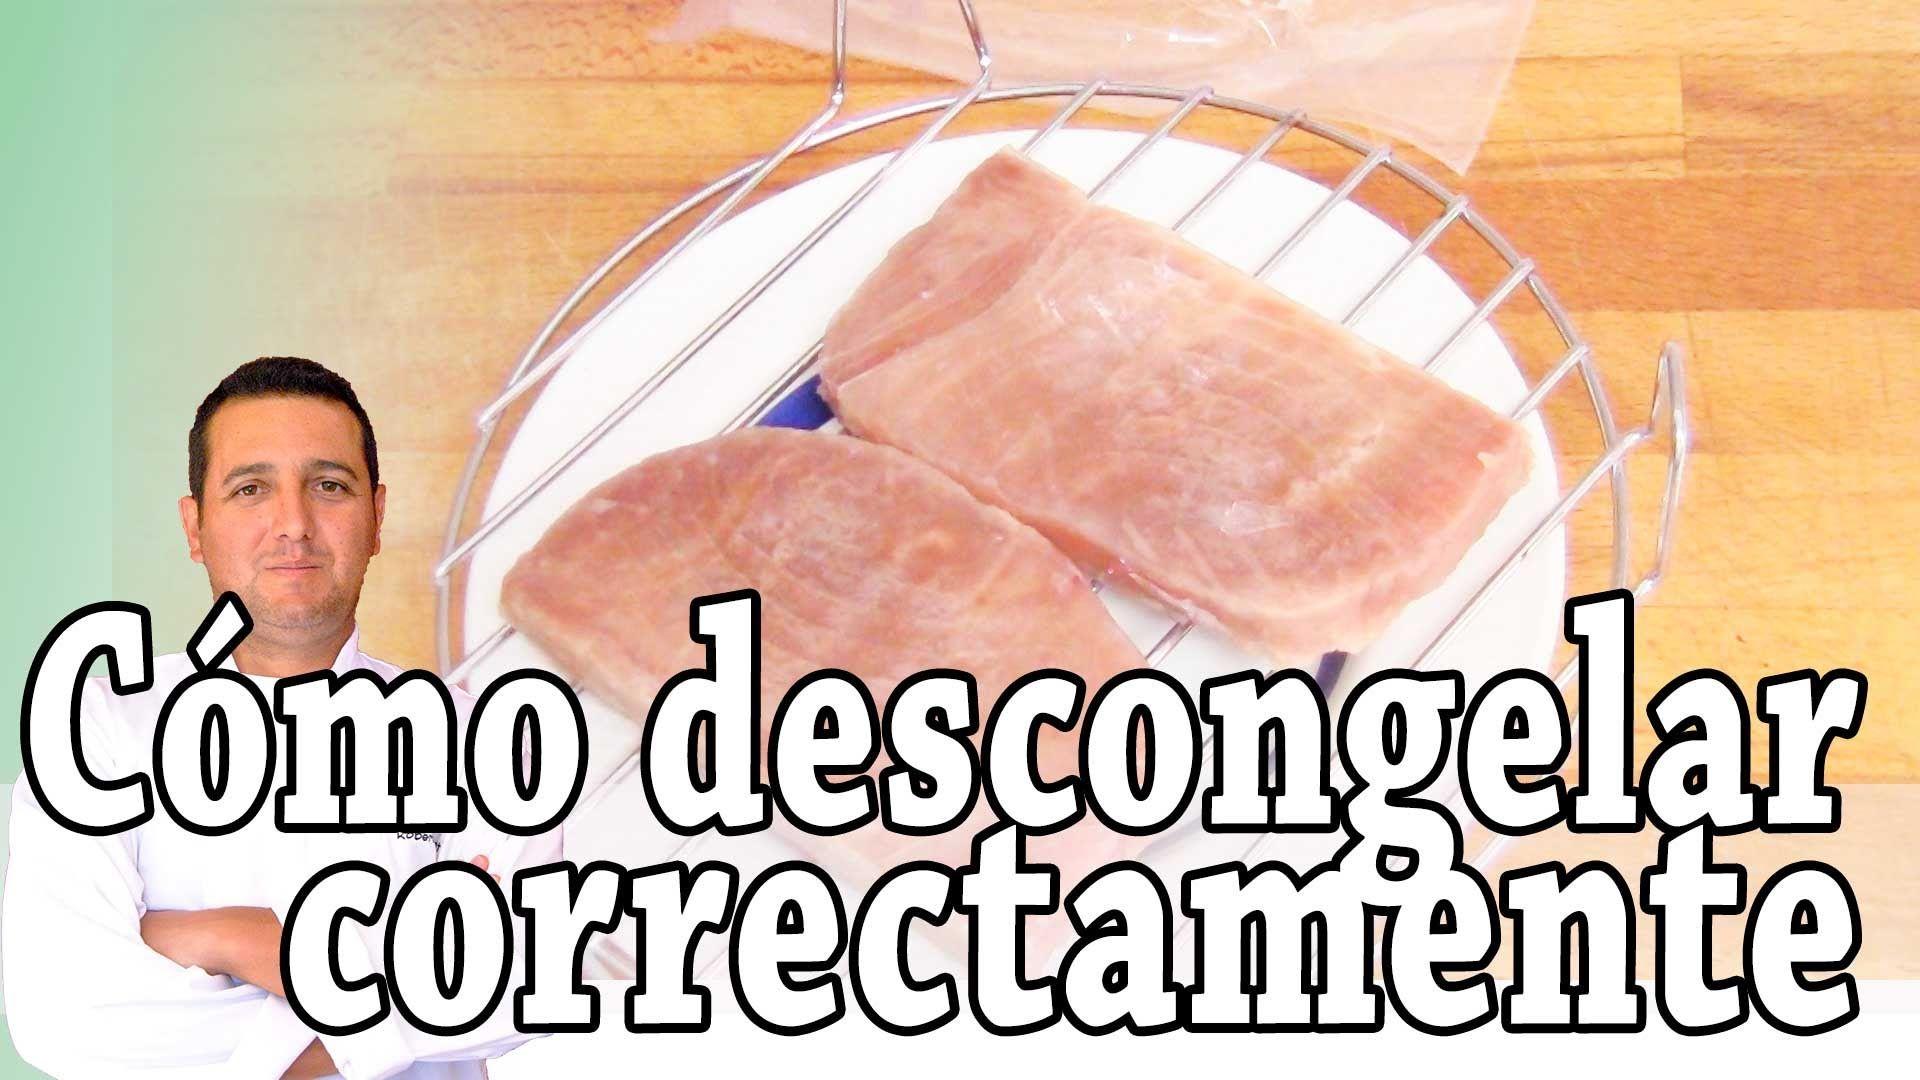 Cómo descongelar correctamente - Consejos de cocina